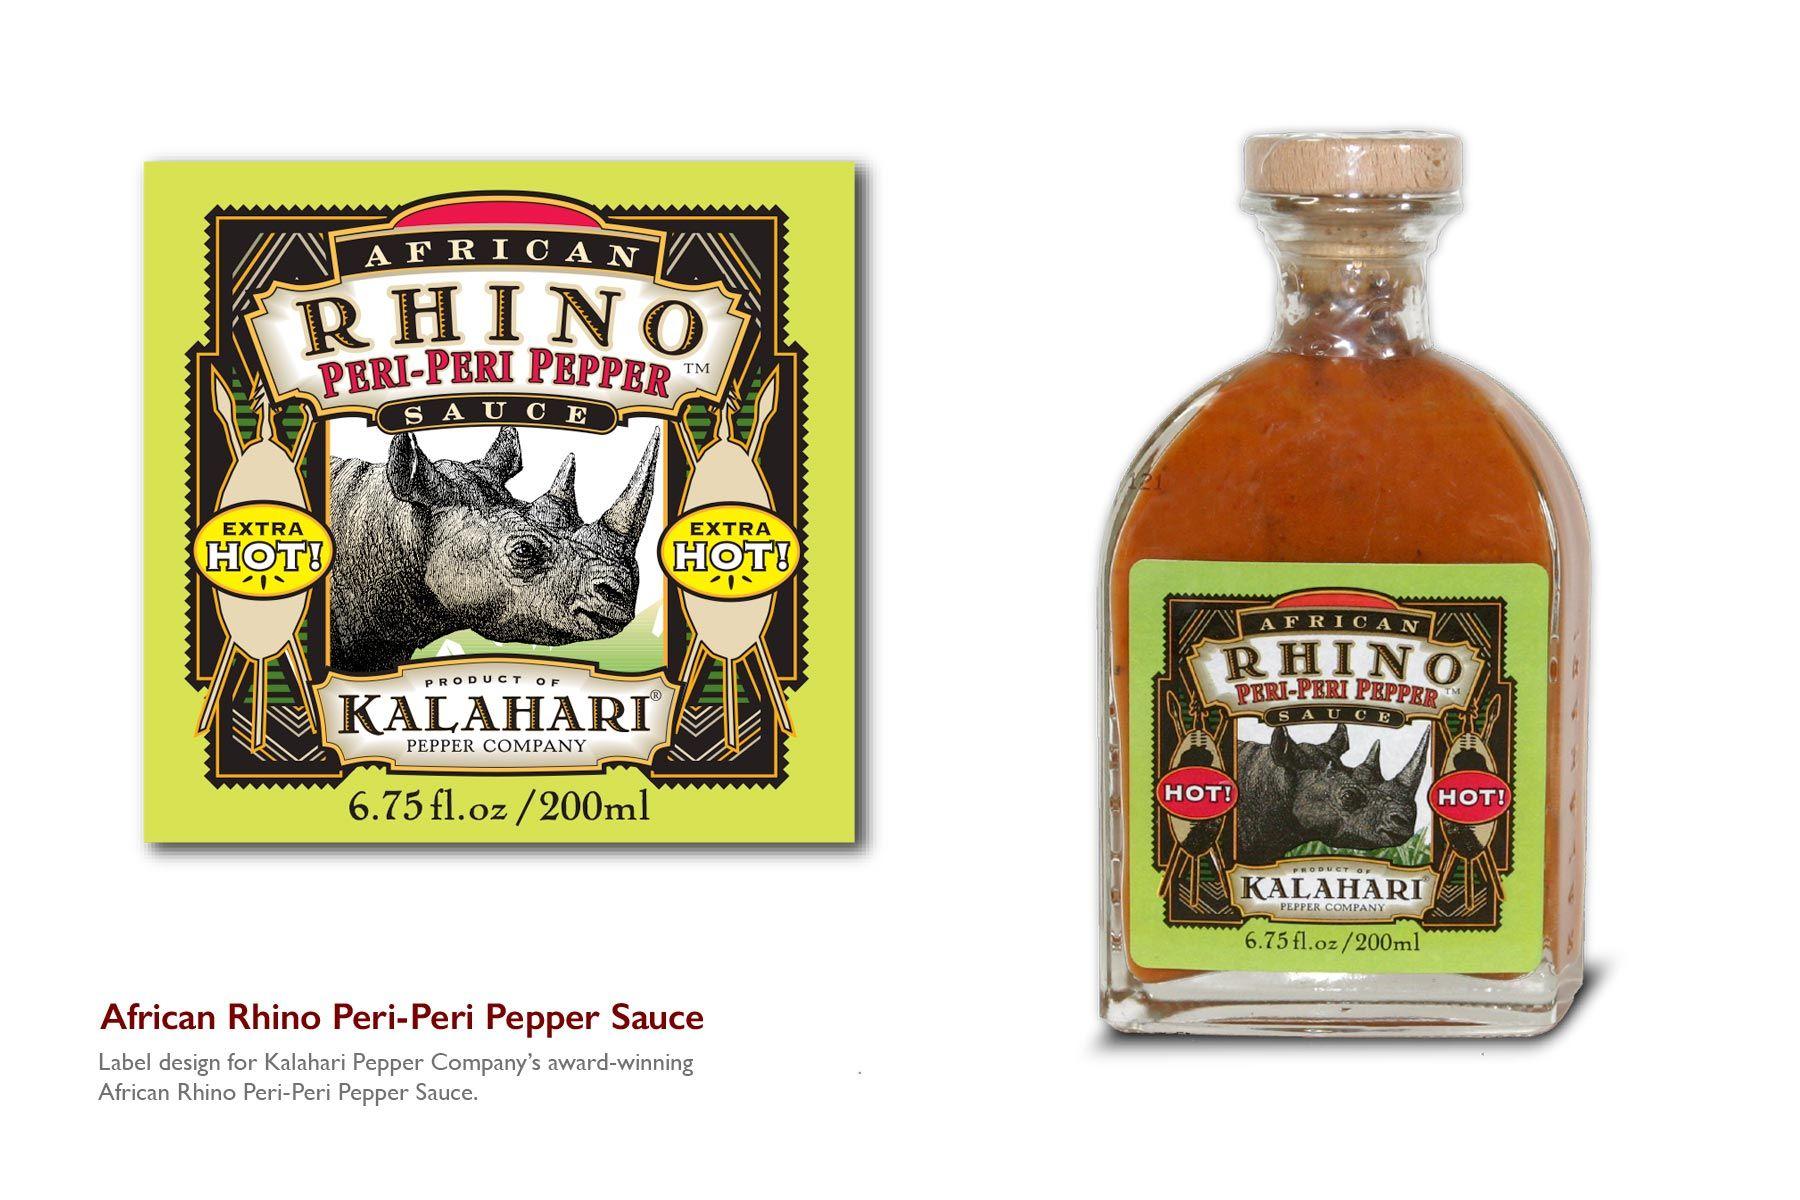 African Rhino Peri-Peri Pepper Sauce